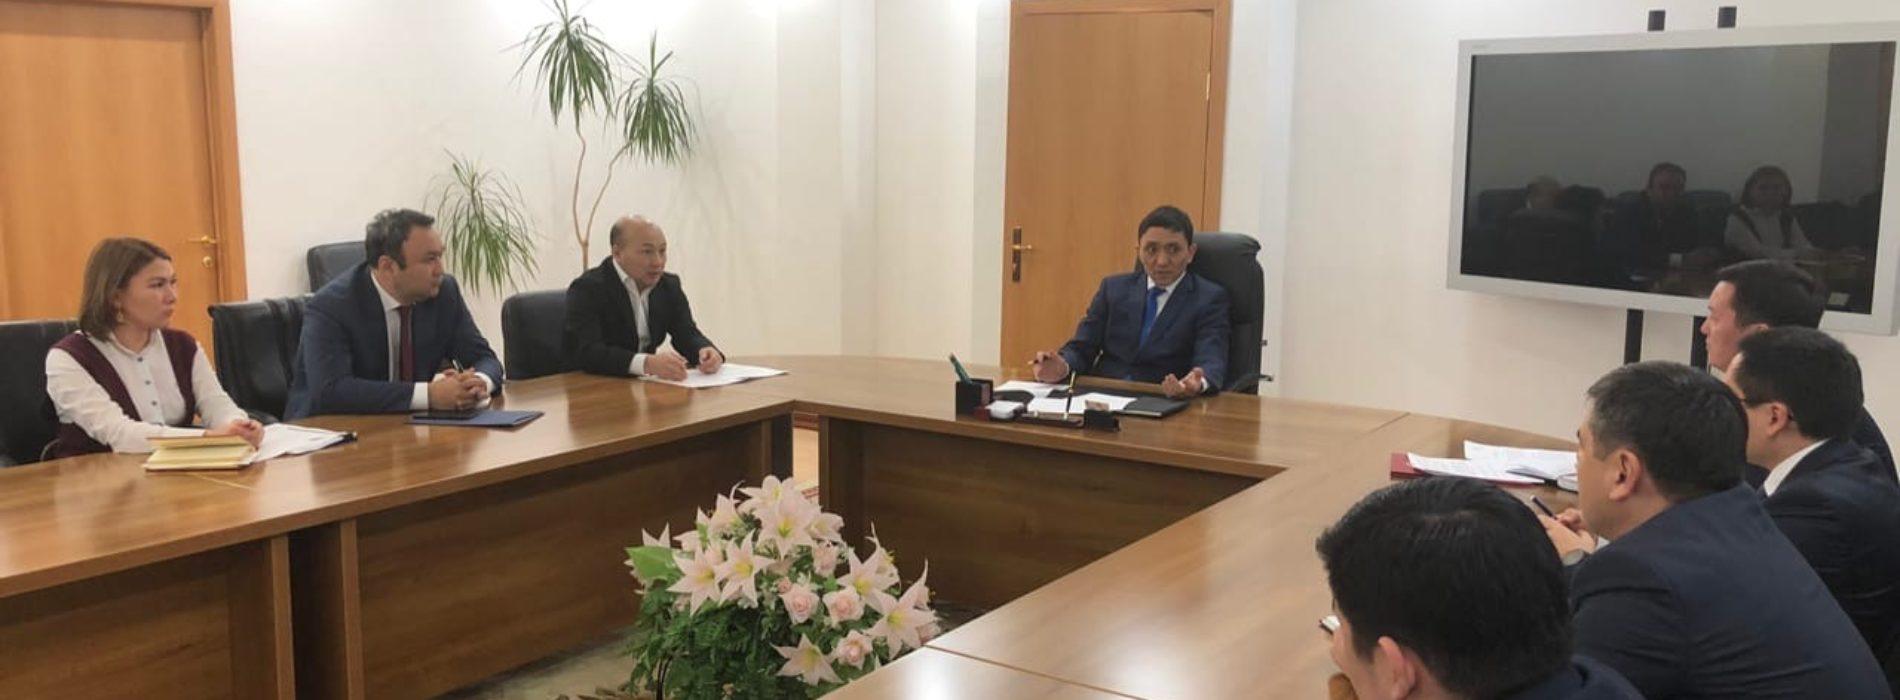 В министерстве нацэкономики обсудили антикоррупционный меморандум